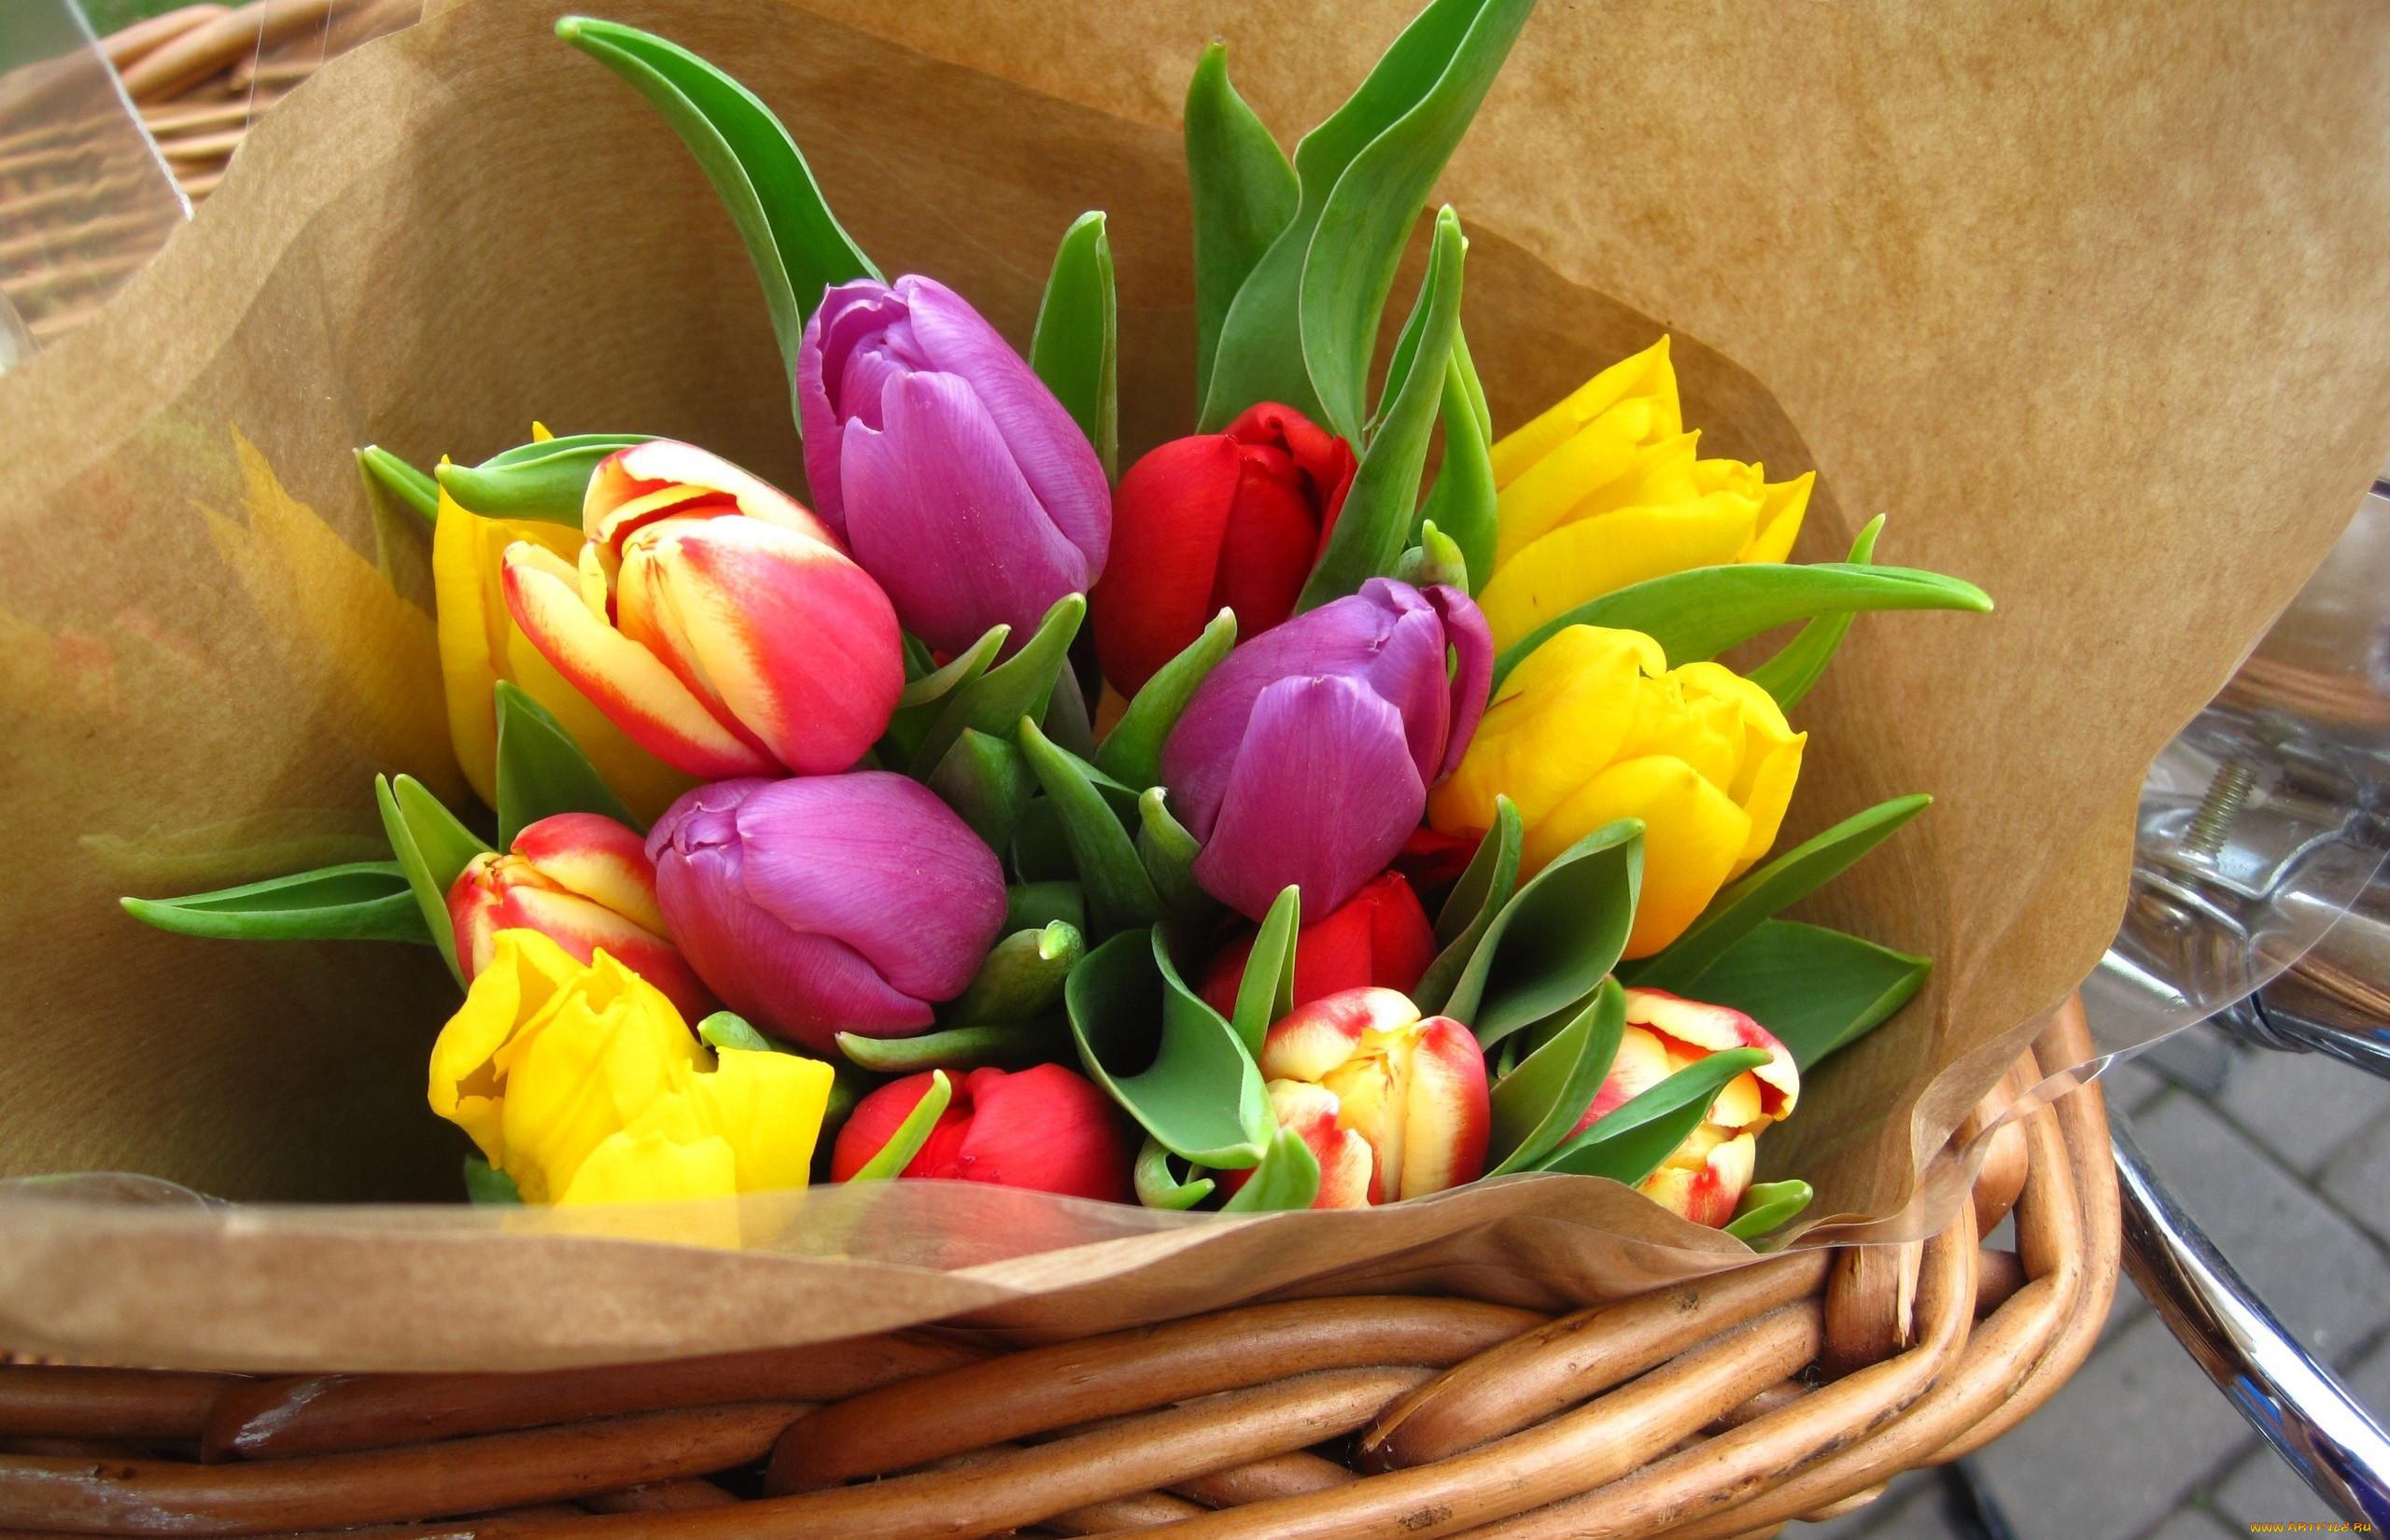 картинки тюльпаны красивые букеты на столе появляются бородавка собаки